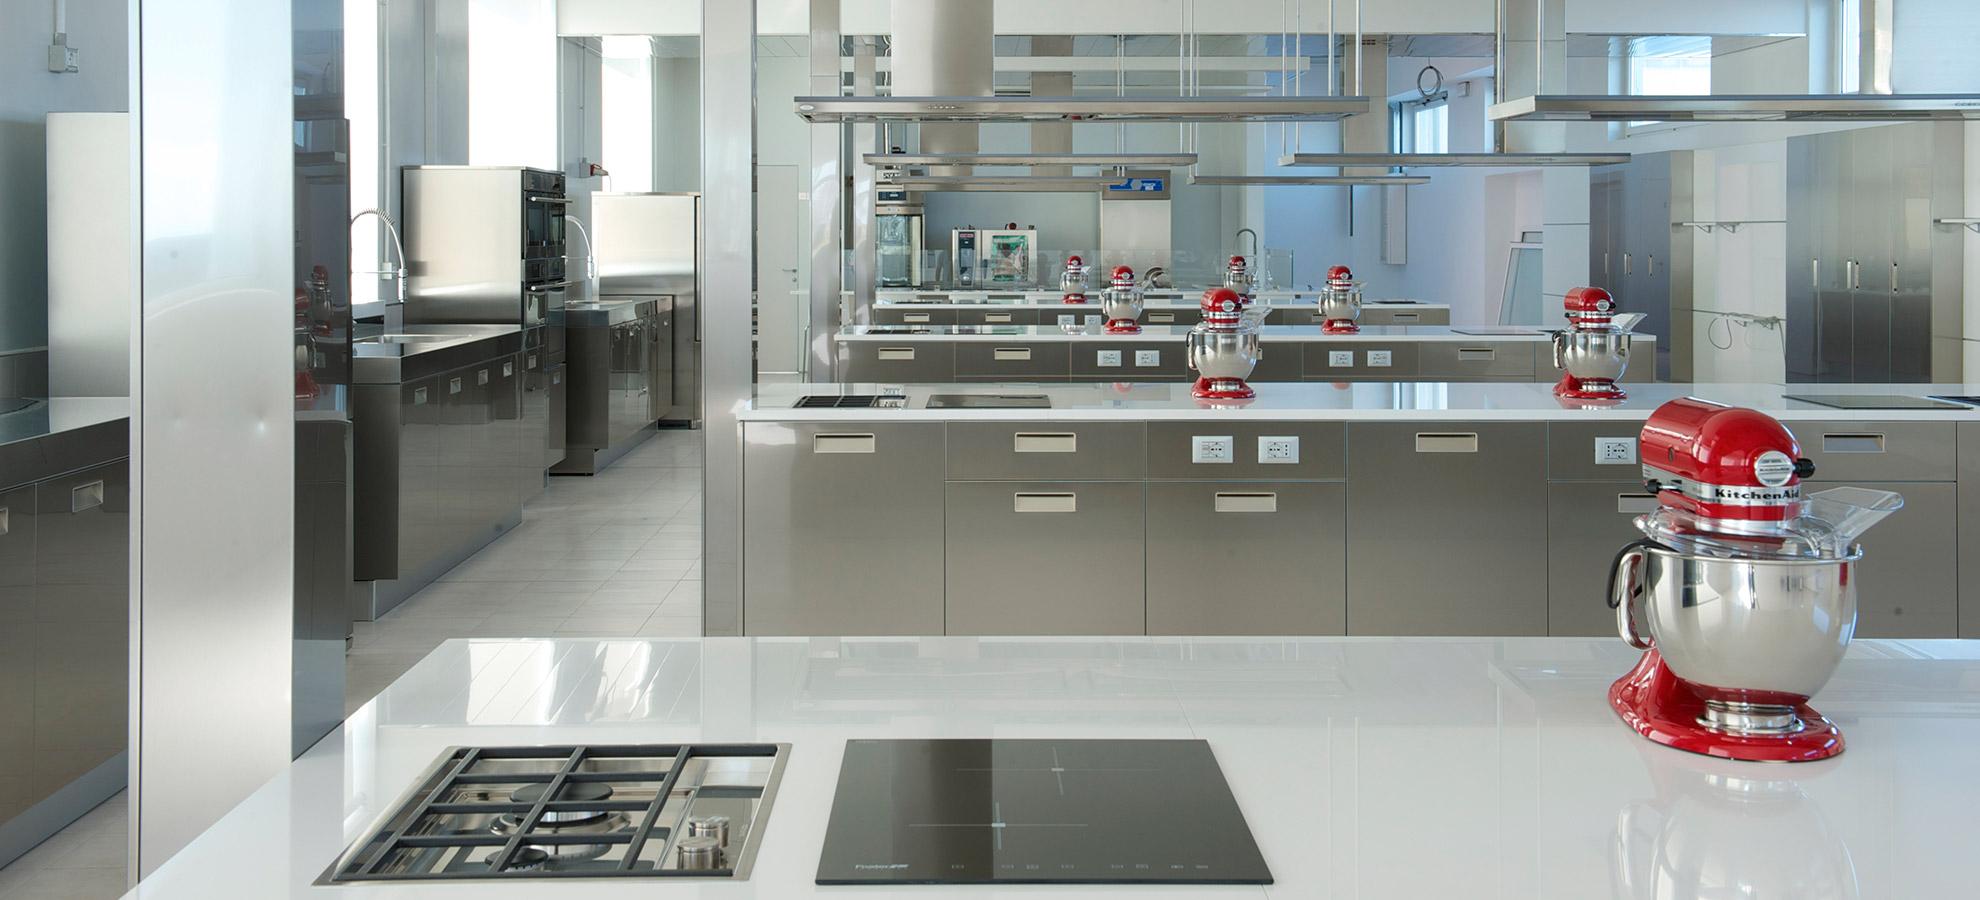 Corso professionale per pasticcere red academy - Corso di cucina bologna ...